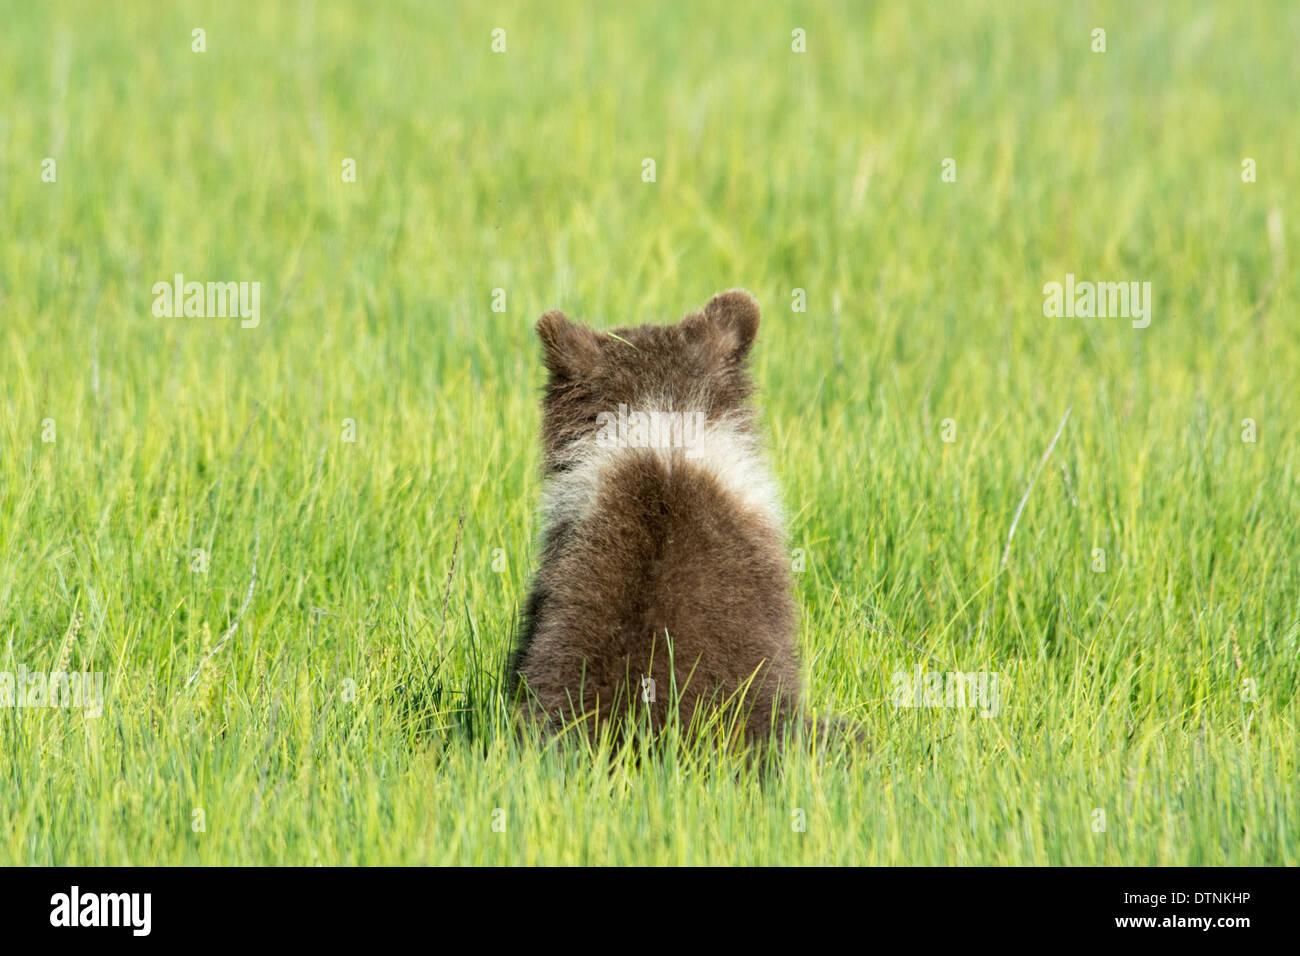 Vista posteriore di un grizzly Bear Cub, Ursus arctos, mostrando un collare bianco intorno al suo collo, il Parco Nazionale del Lago Clark, Alaska, STATI UNITI D'AMERICA Immagini Stock